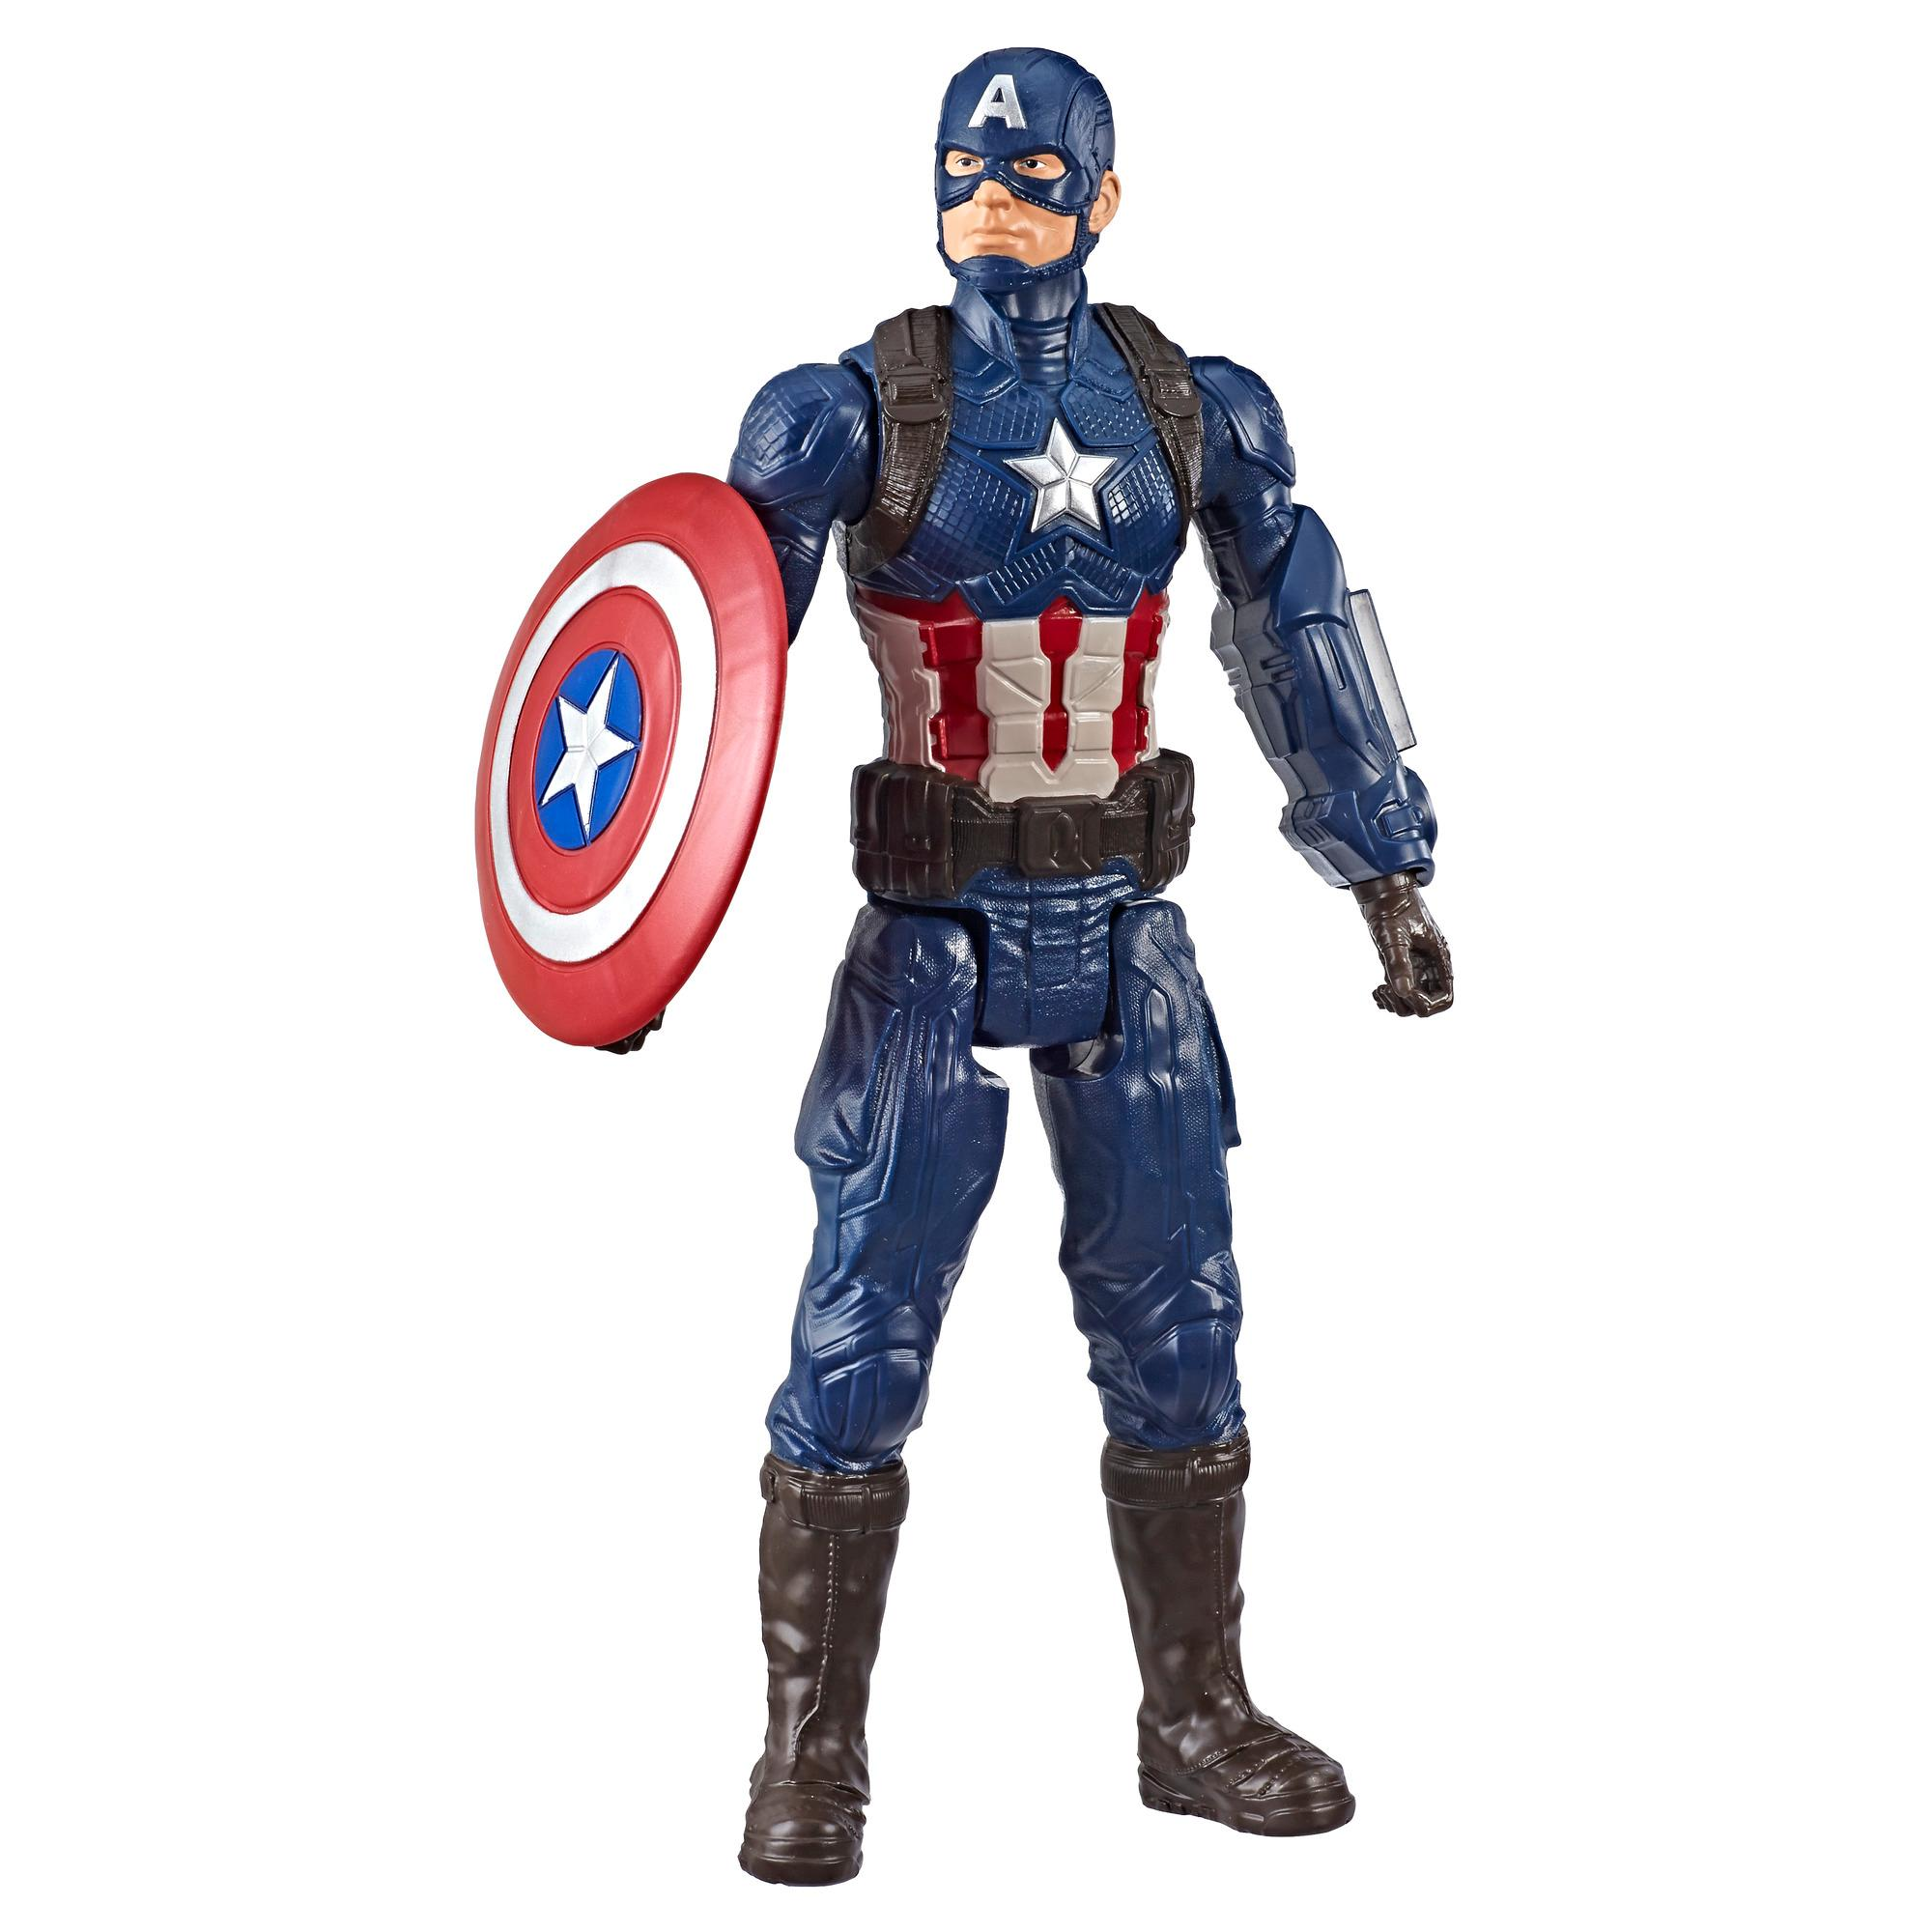 Marvel Avengers: Endgame Titan Hero Series Captain America 12-Inch Action Figure